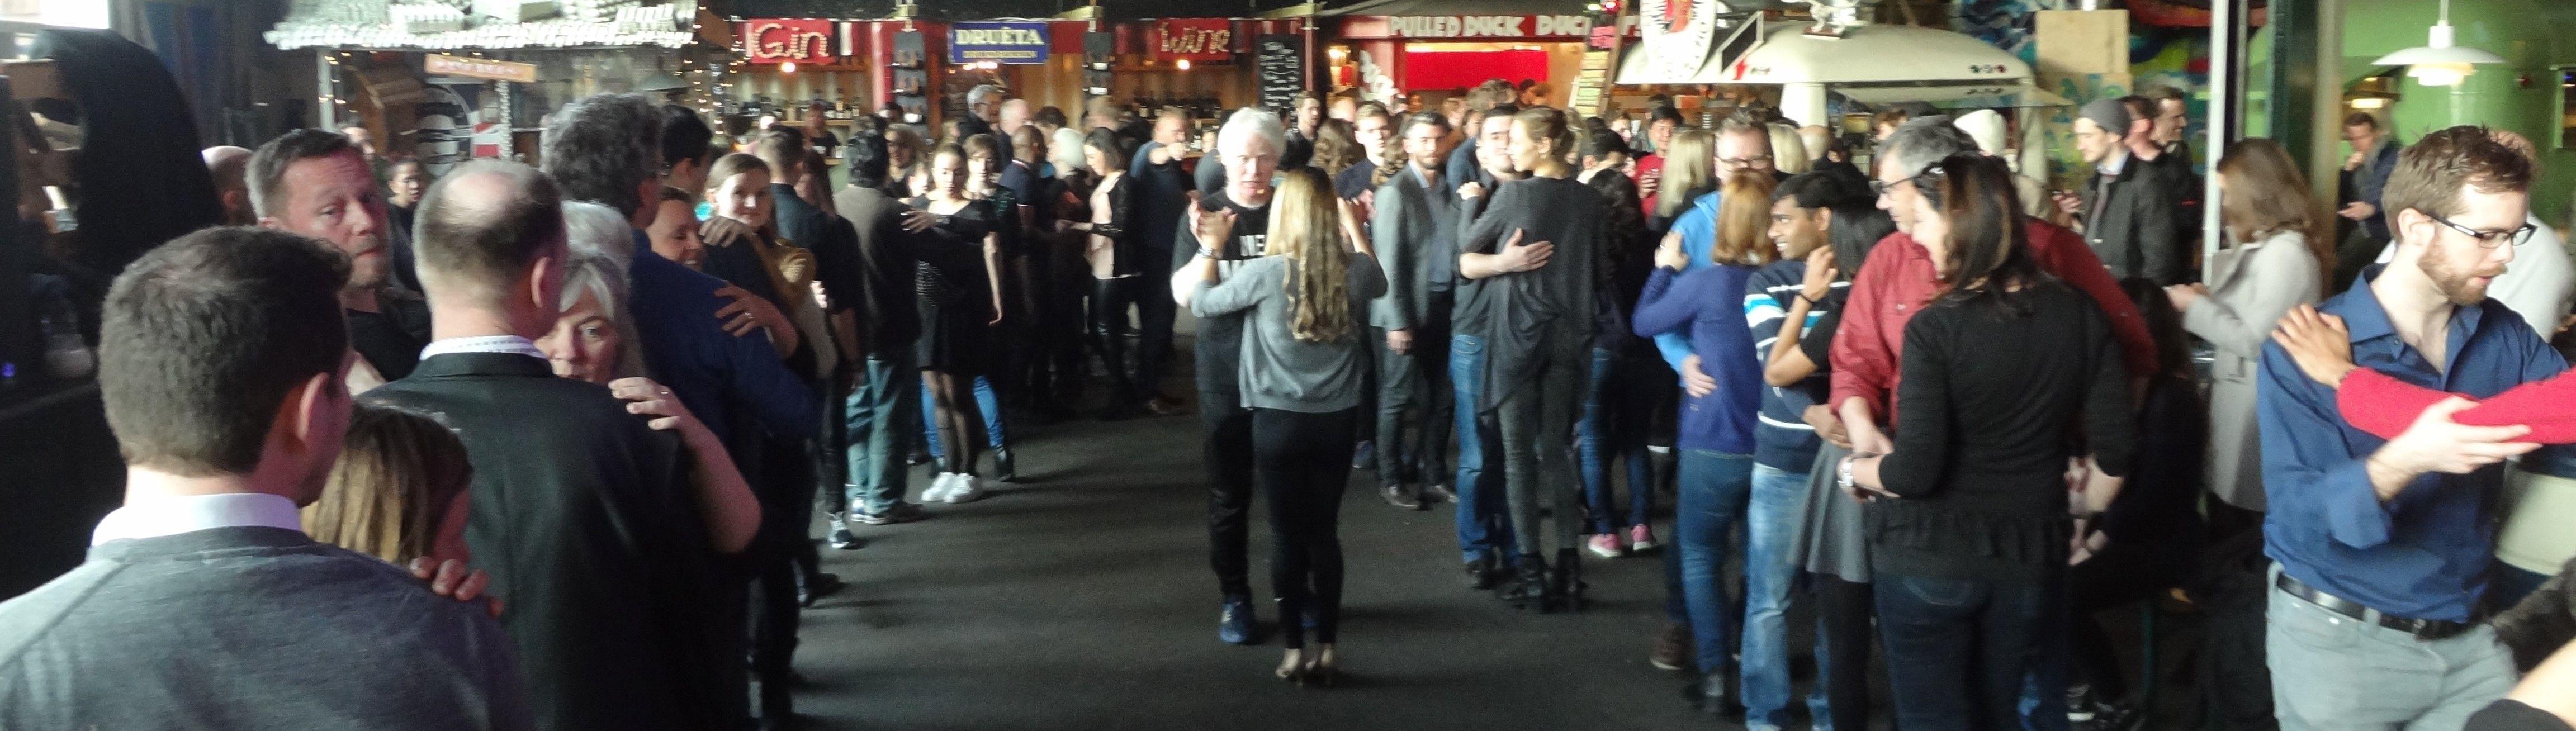 Copenhagen Salsa Meetup - NewMoves - Free or cheap dancing